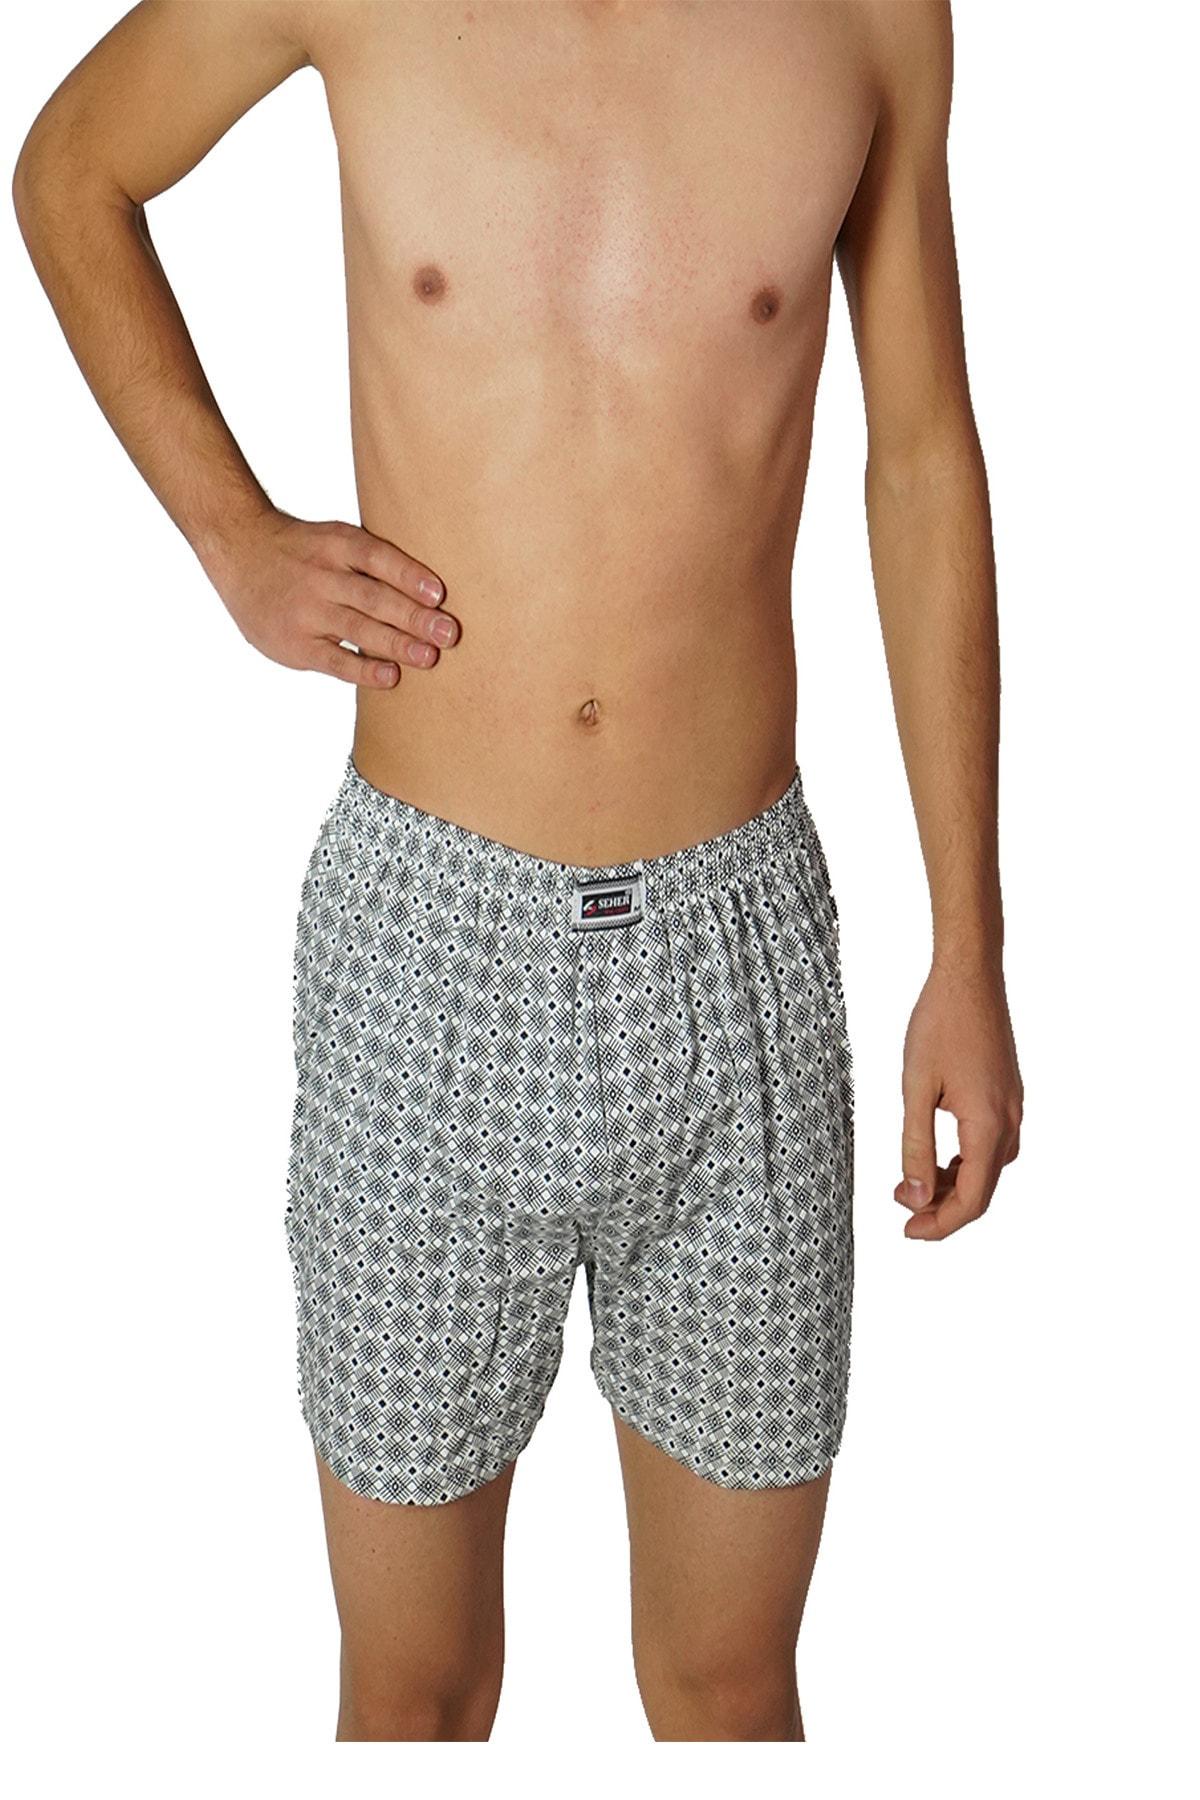 Seher Erkek Karişik 6'Lı Paket Seher Yıldızı Desenli Boxer Şort